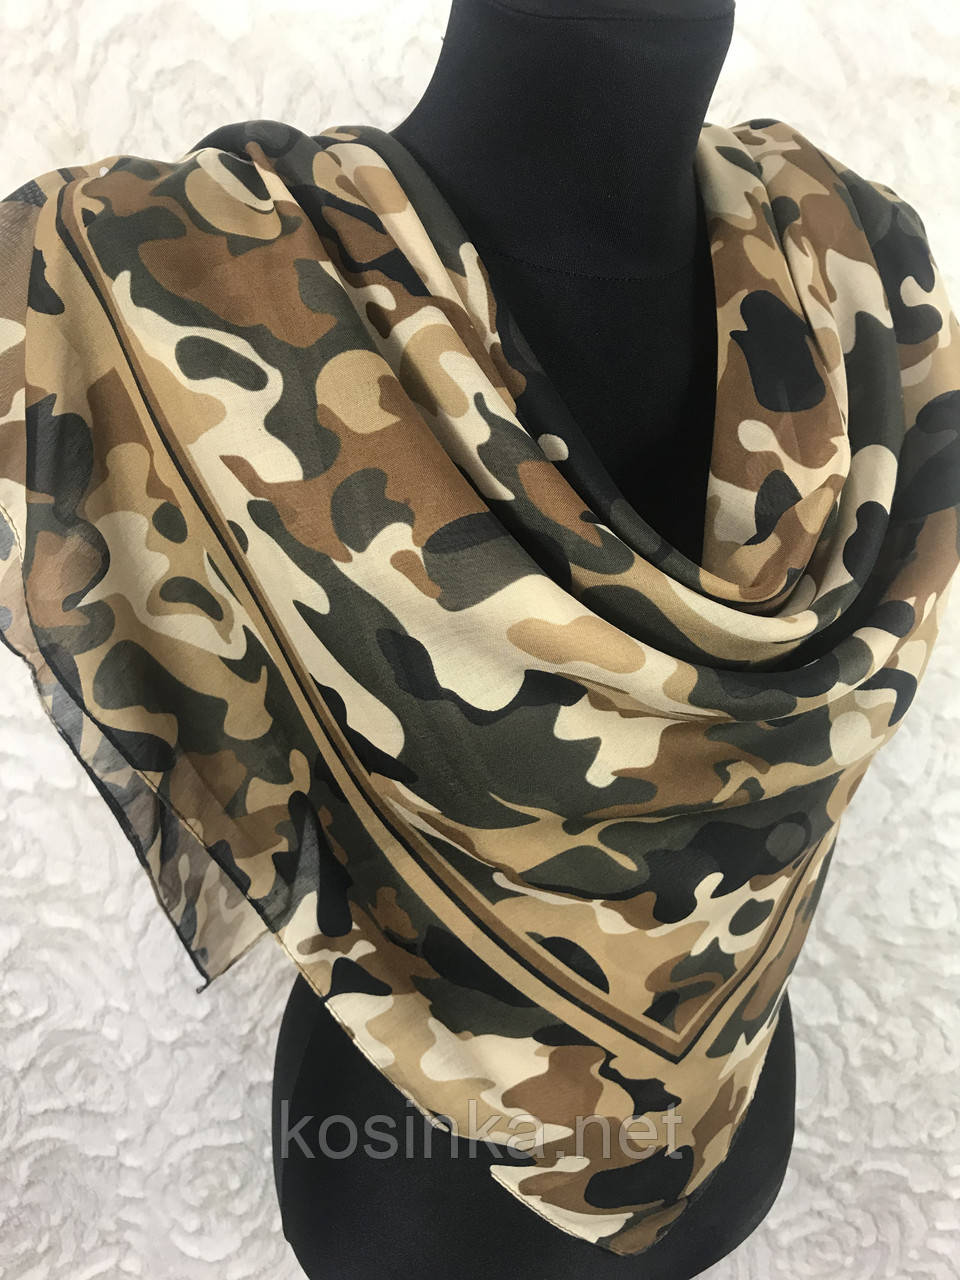 Бежевый камуфляжный платок хлопок 95х95 см (цв.5)